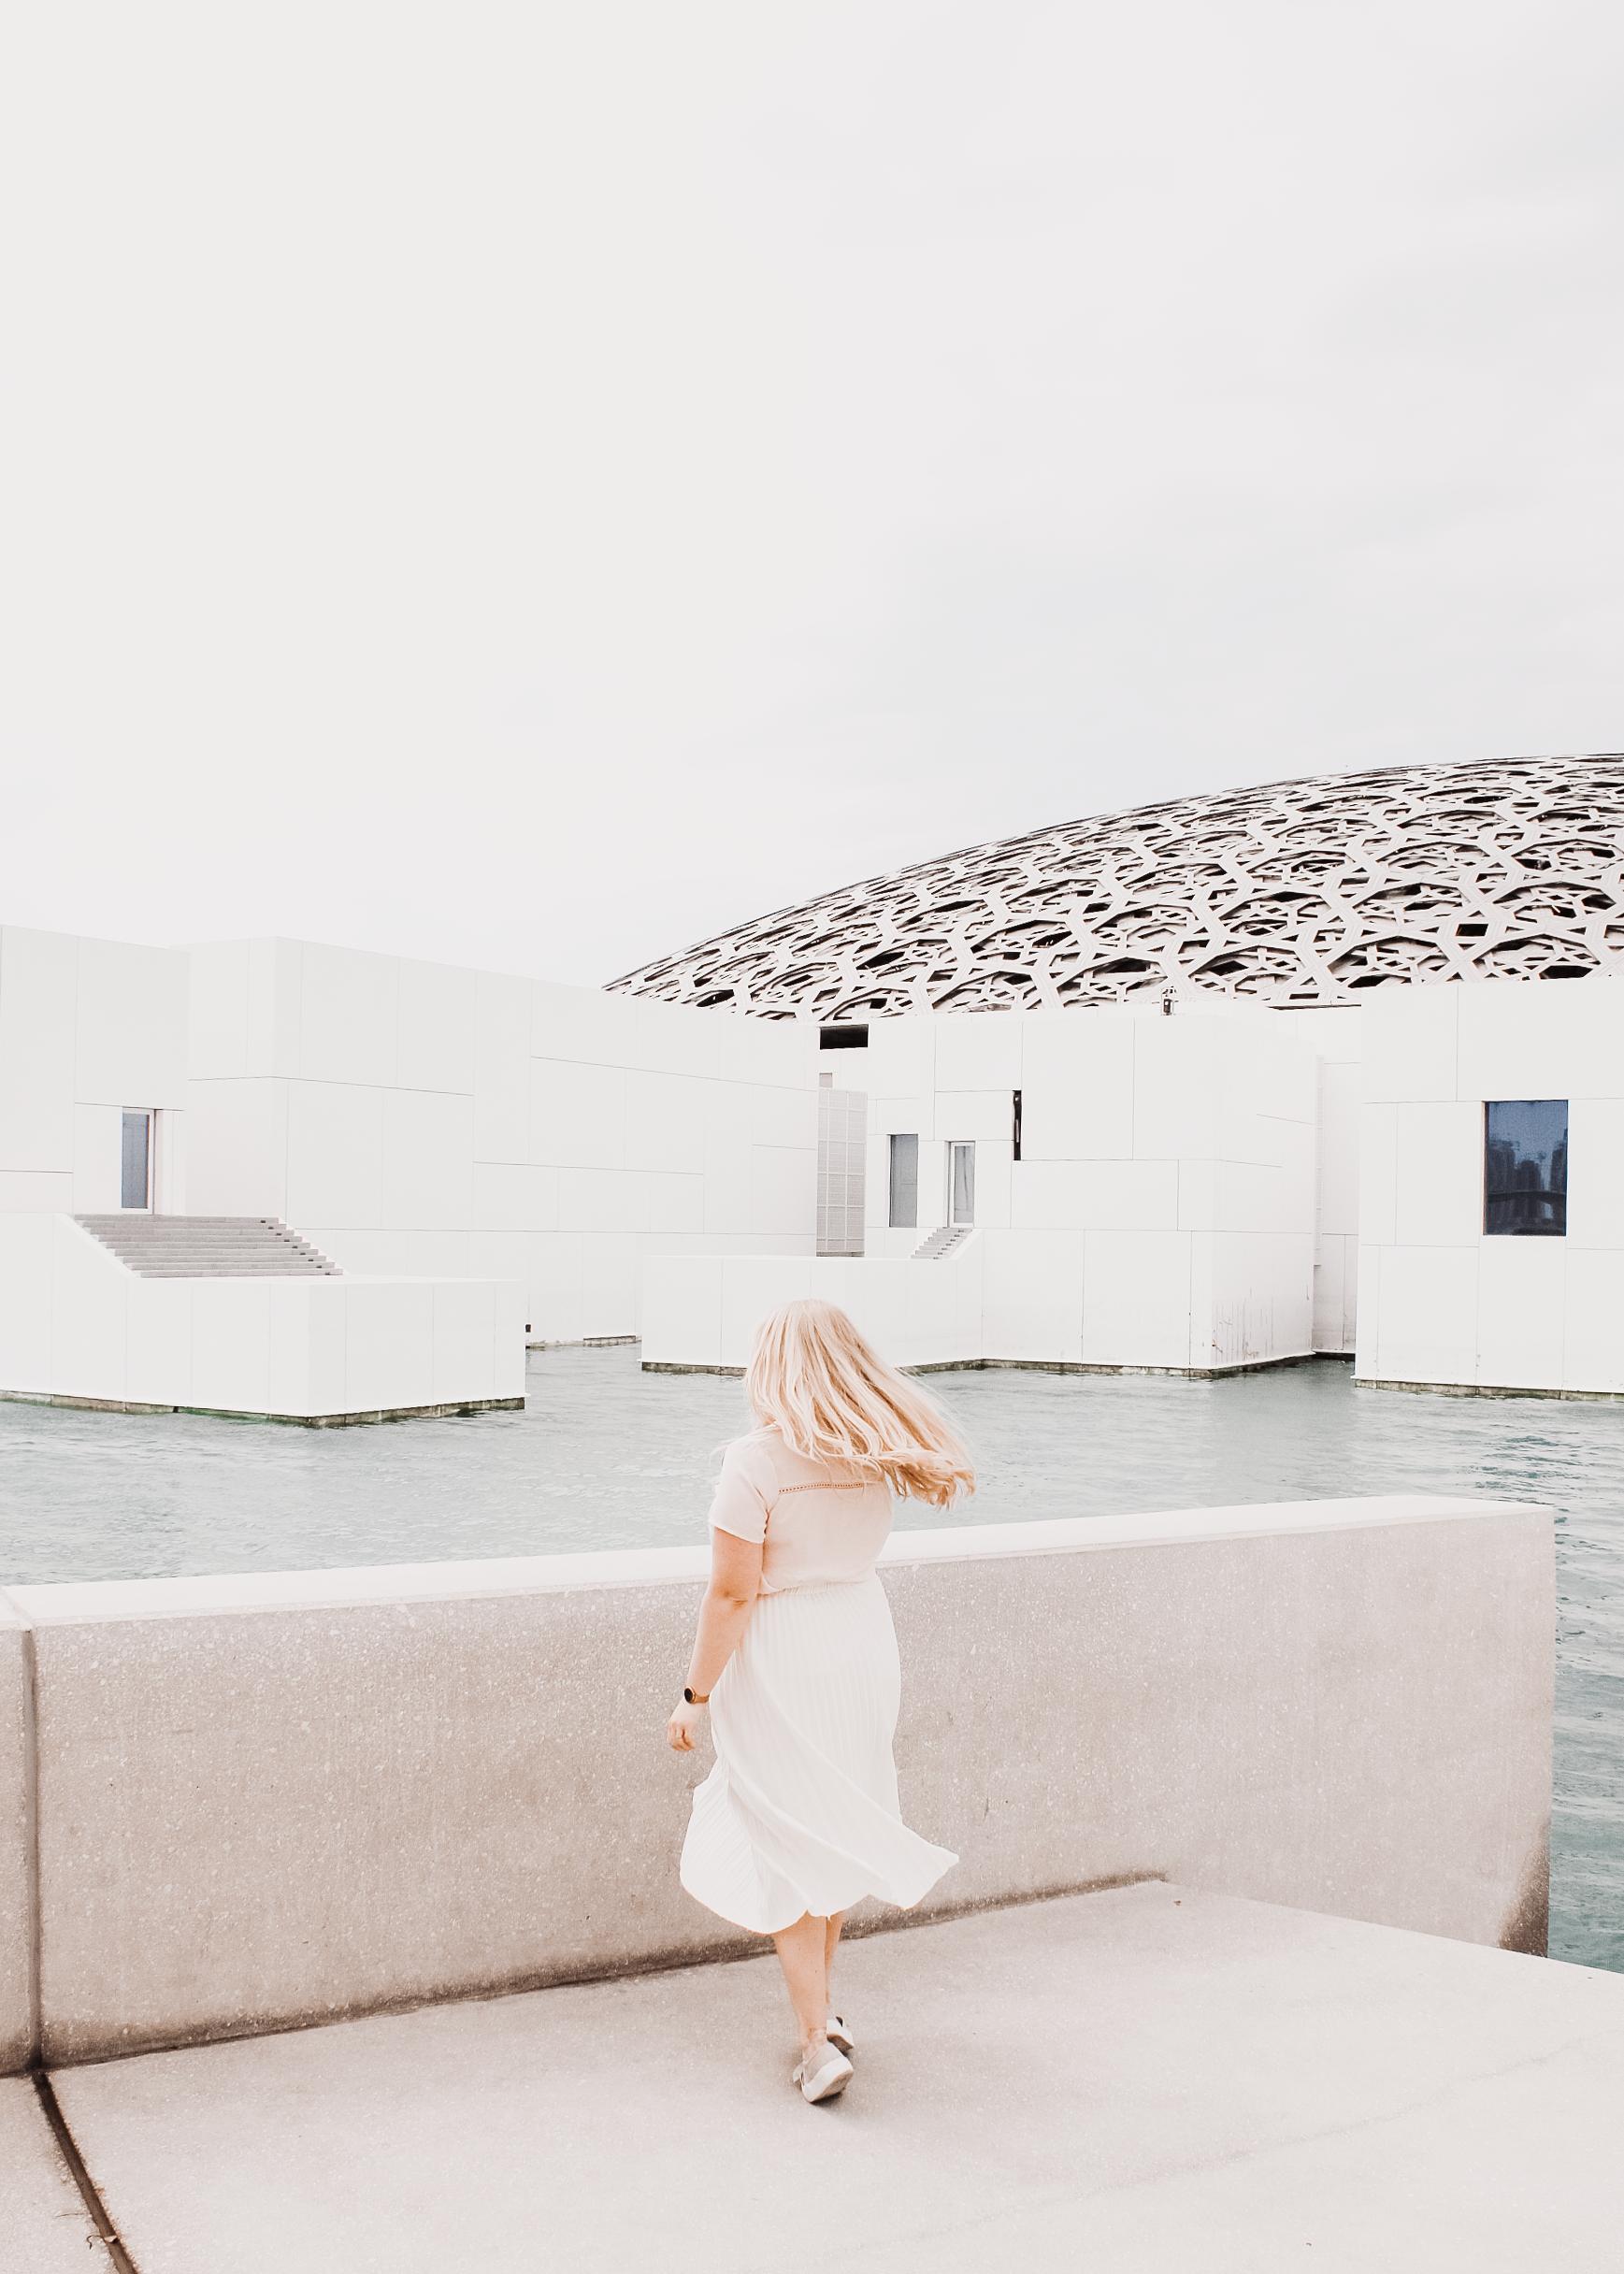 Dubai A-Ö | Dubai reseguide | Travel Guide Dubai | Abu Dhabi | Louvre | By Sandramaria | Sandramarias.com